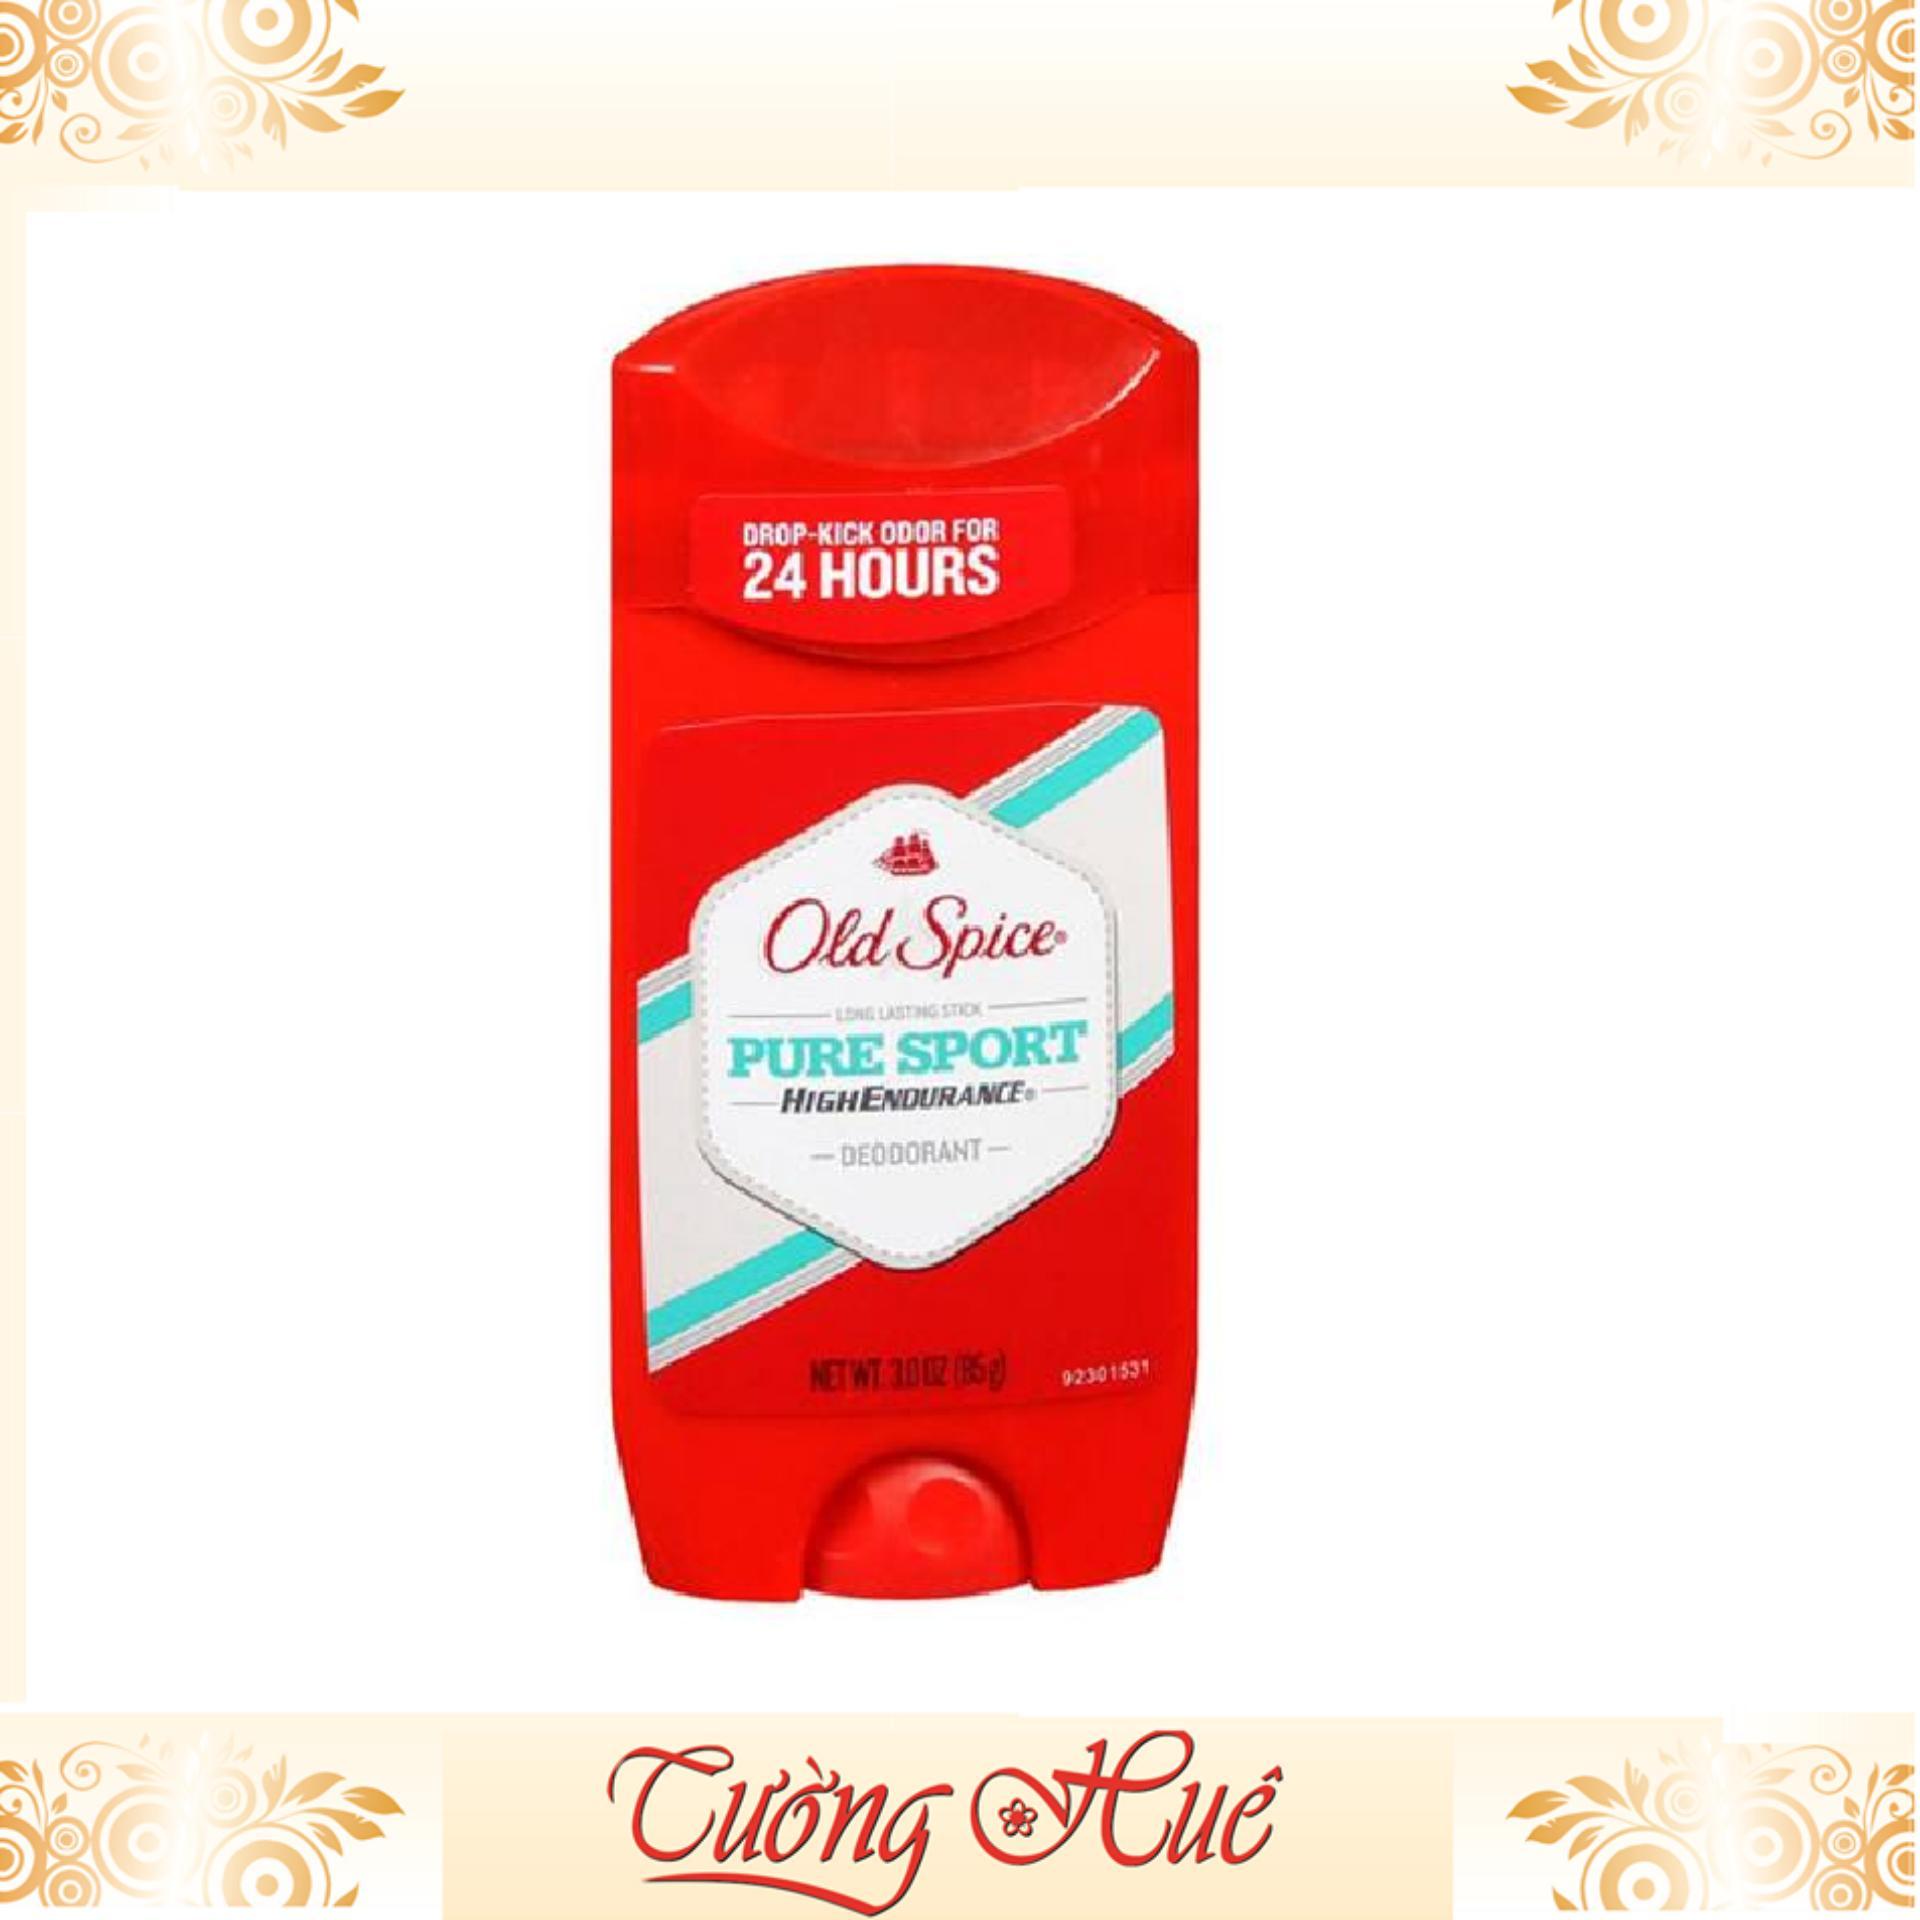 Lăn khử mùi Old Spice Pure Sport High Endurance 85g - đỏ chính hãng